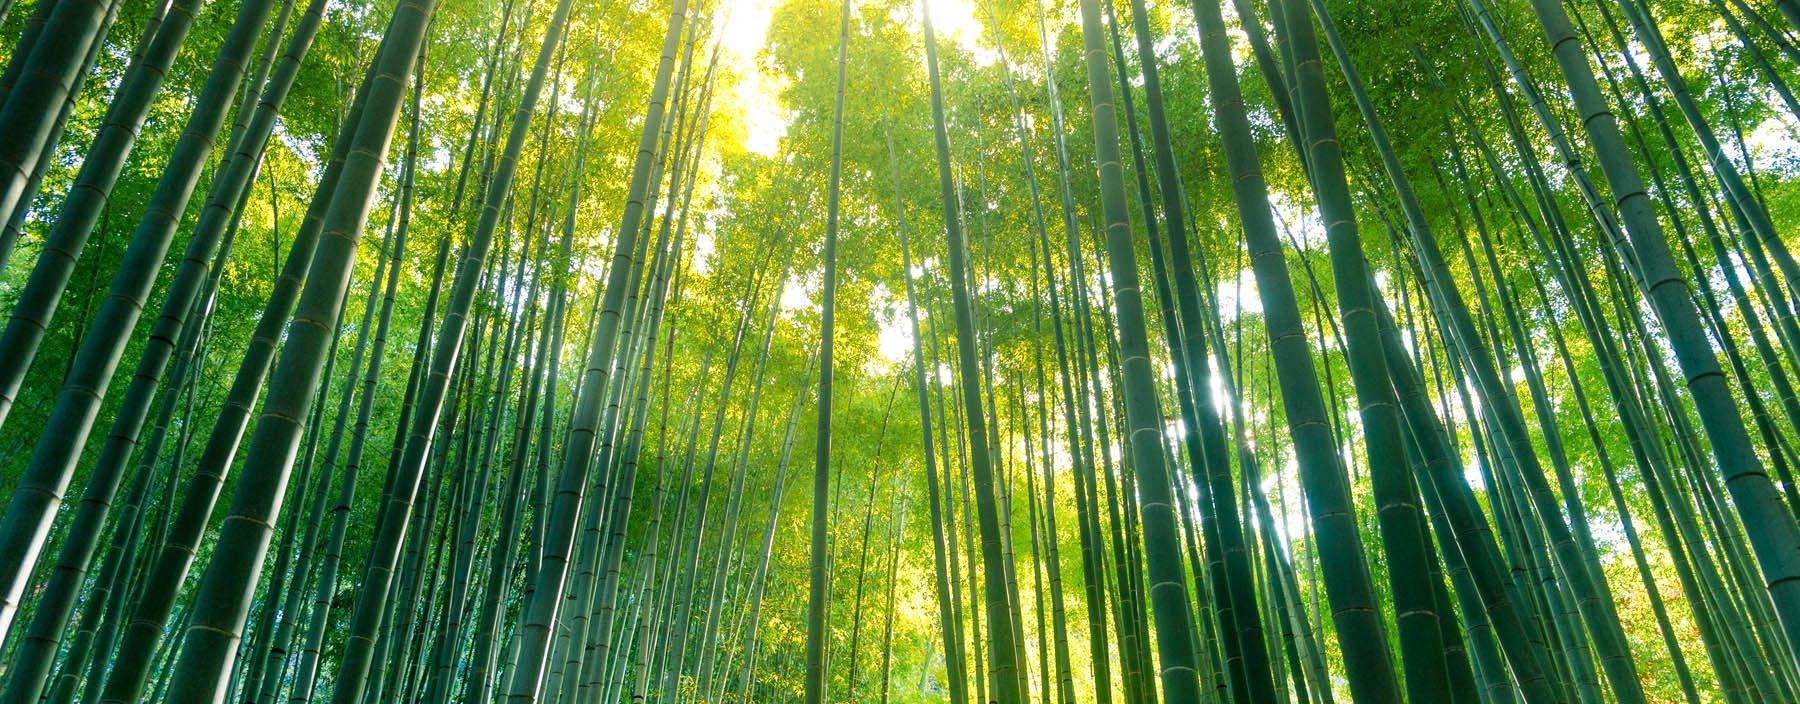 jp, kamakura, bamboe tuin.jpg